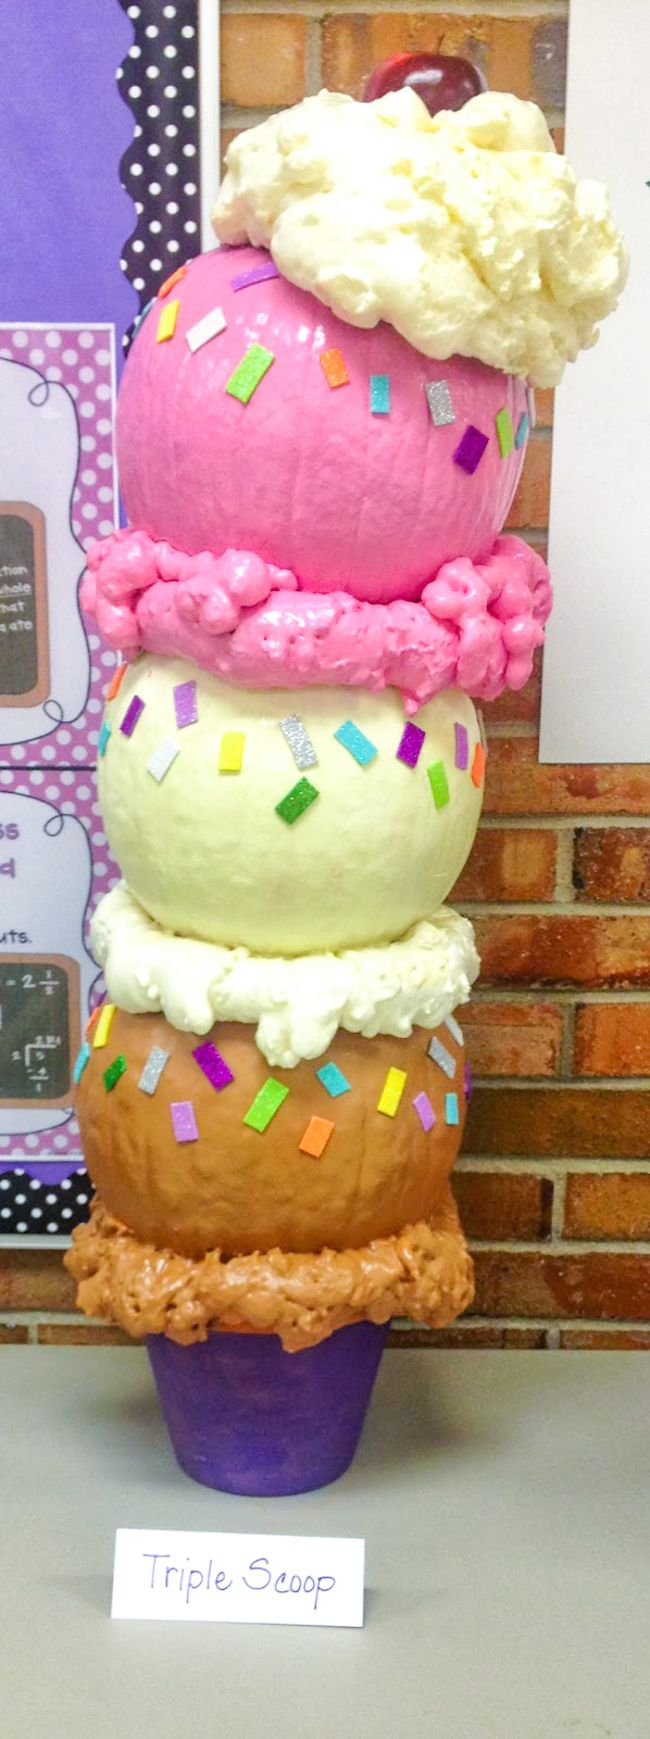 Tripe Scoop Ice Cream Cone Pumpkins